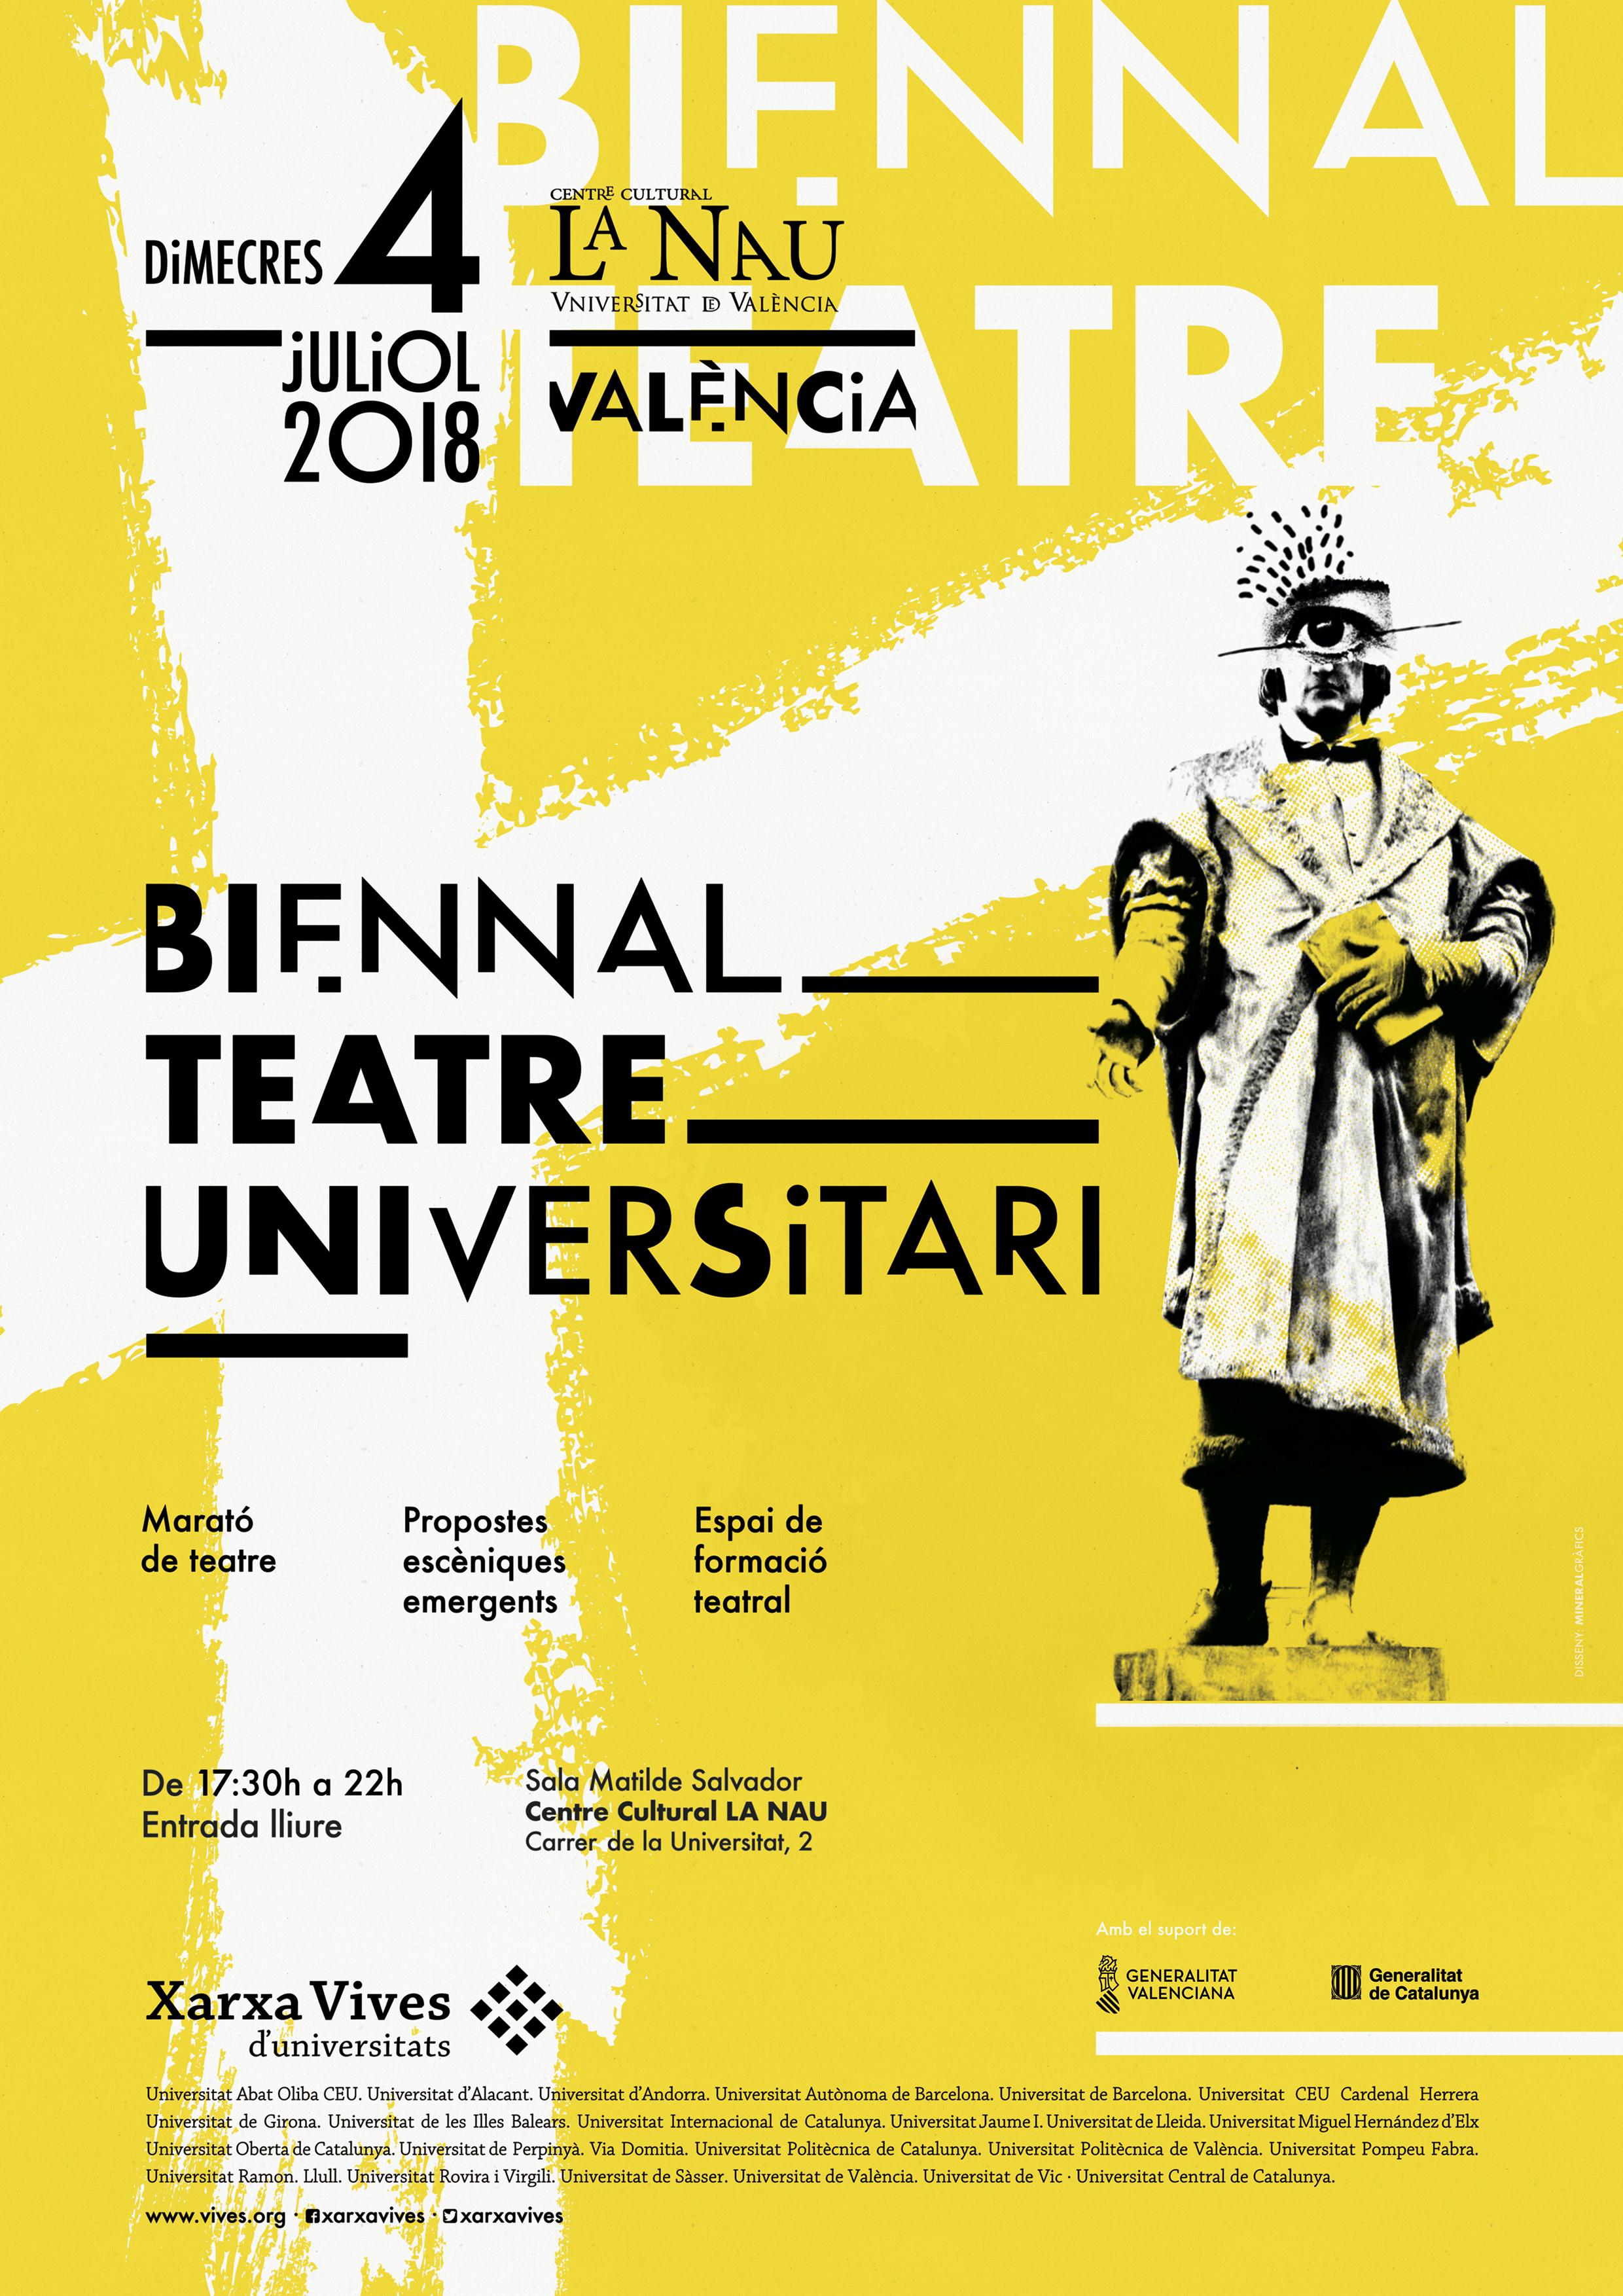 El Centre Cultural La Nau de la Universitat de València, escenari d'una marató interuniversitària de teatre